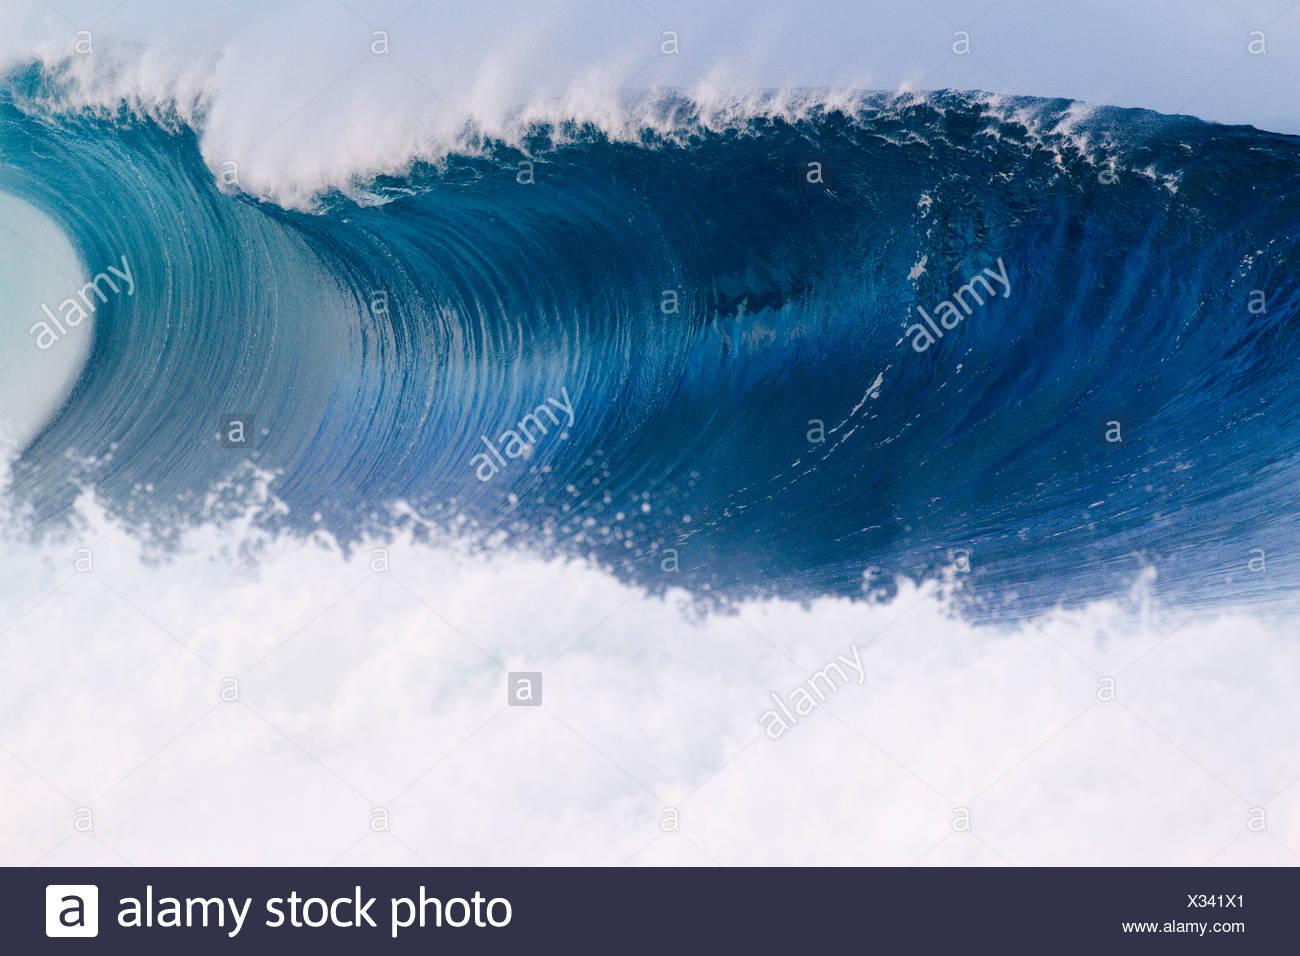 Eine Welle bricht bei Off The Wall in Hawaii. Stockbild